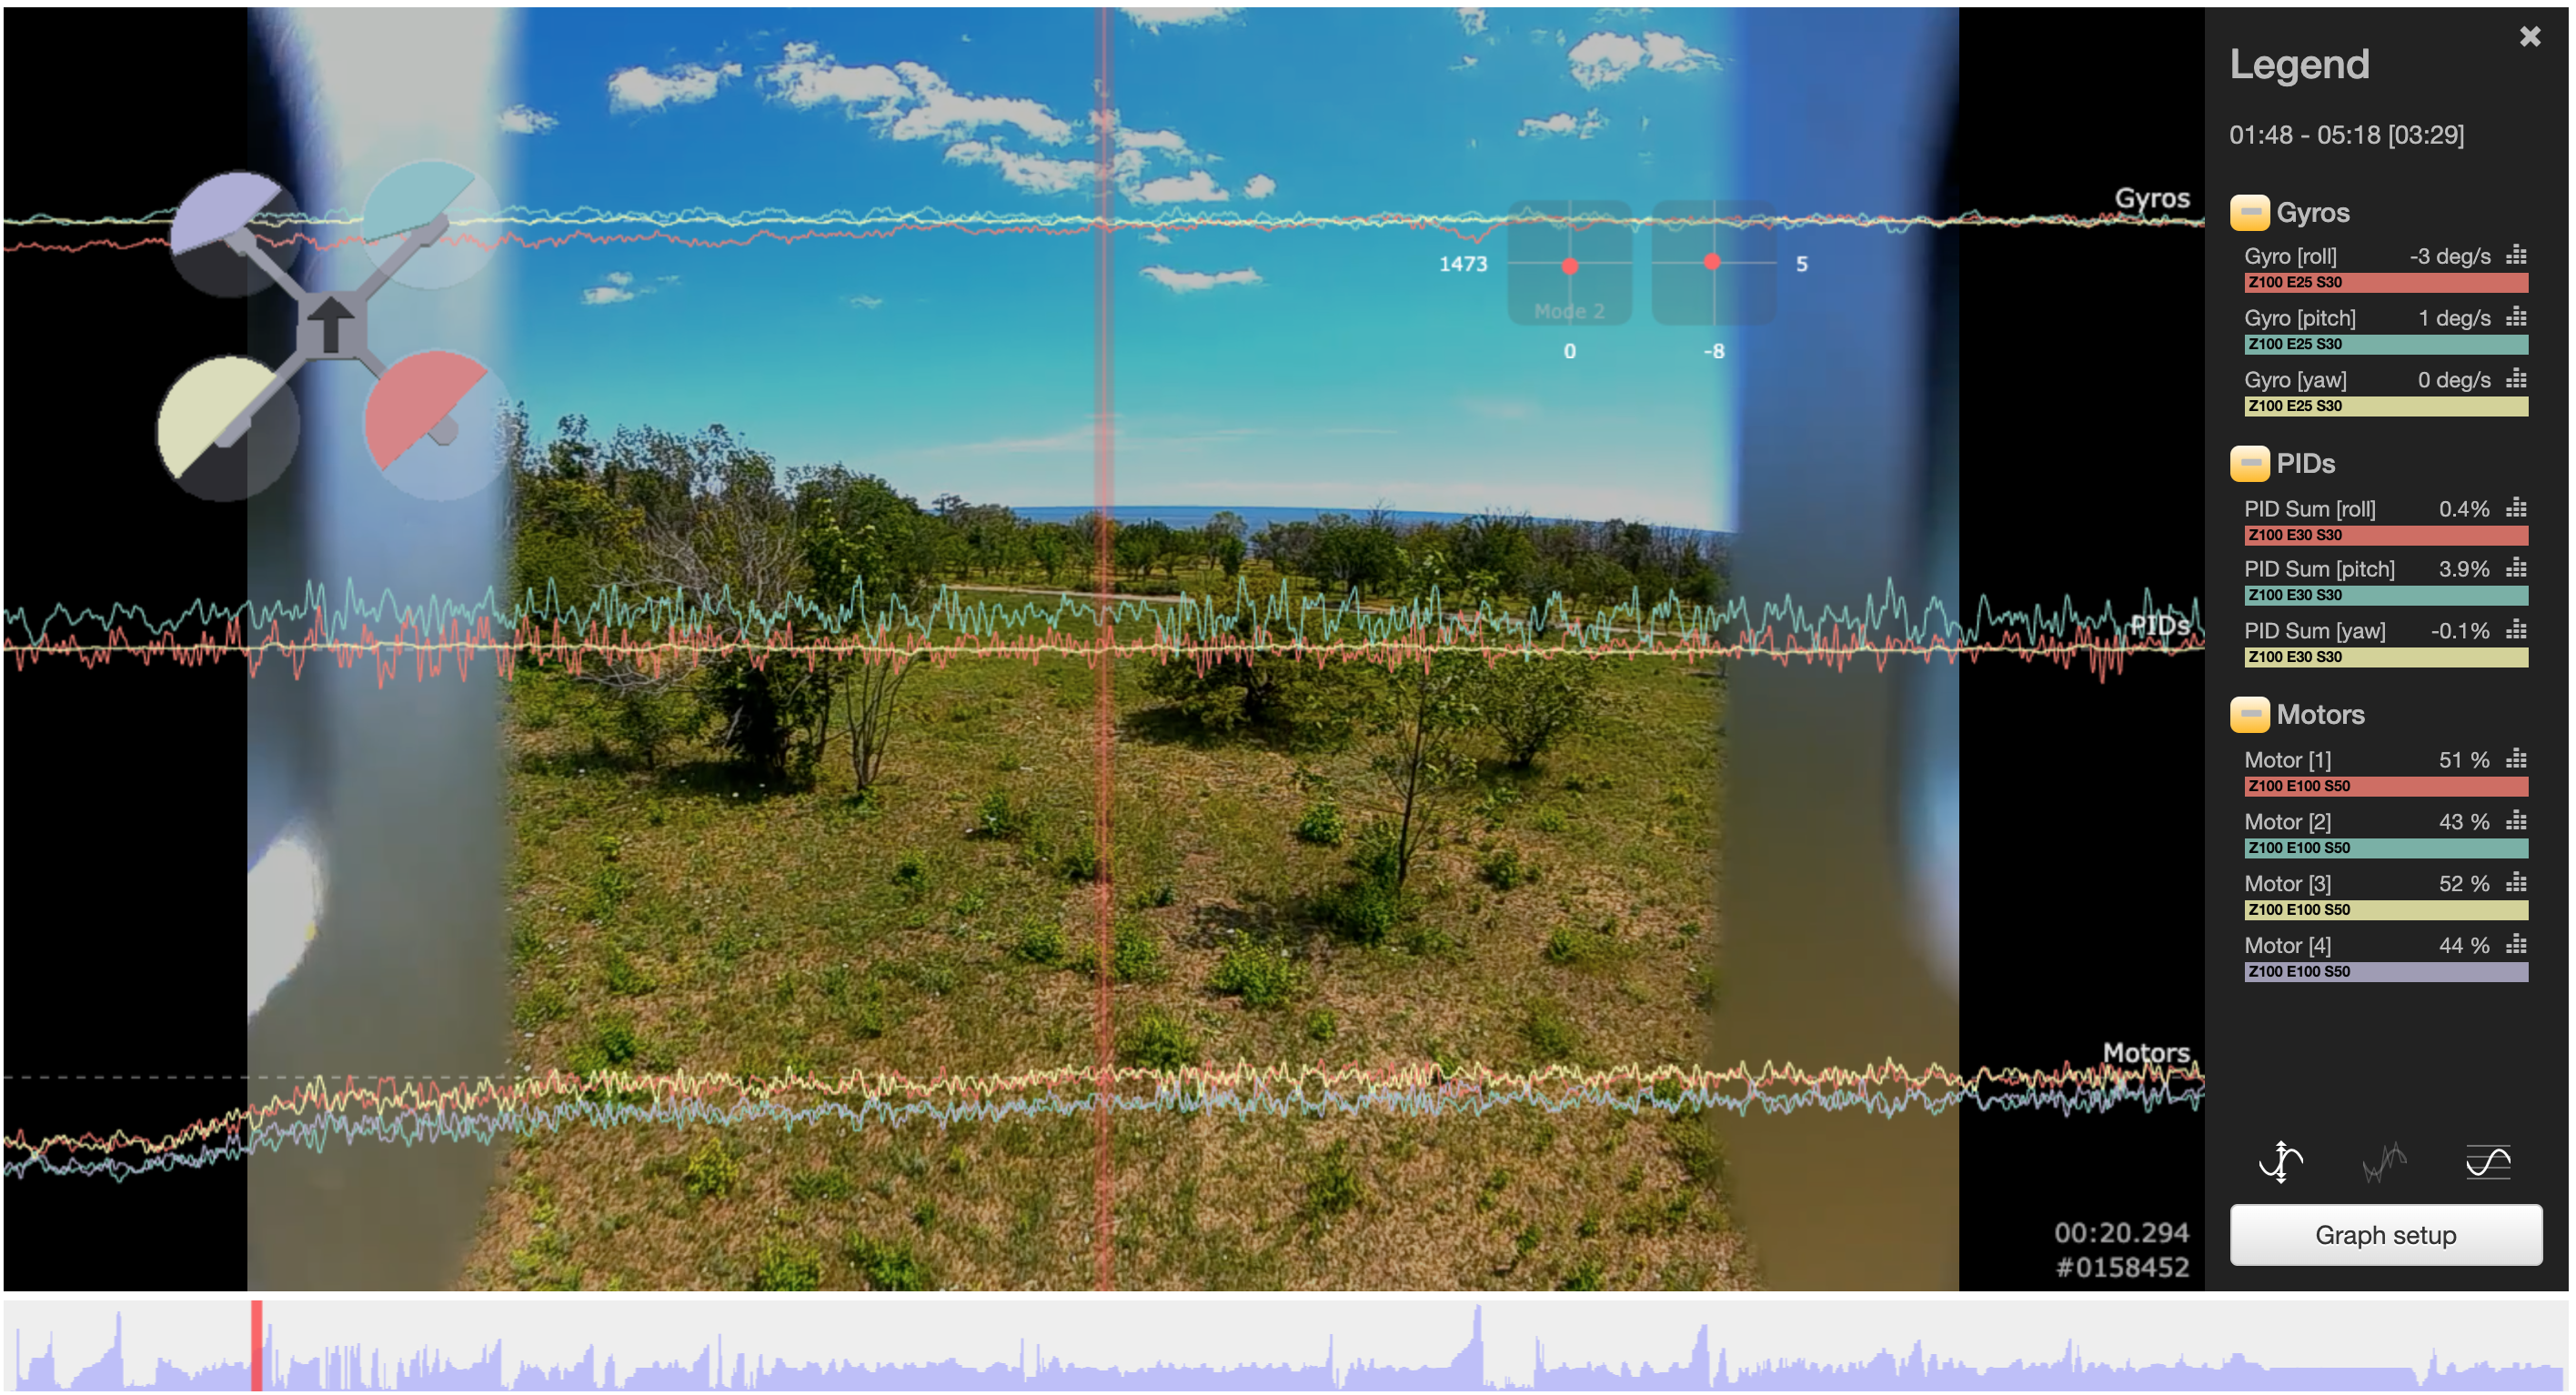 FPV Квадрокоптер: Фильтрация в Betaflight - 4